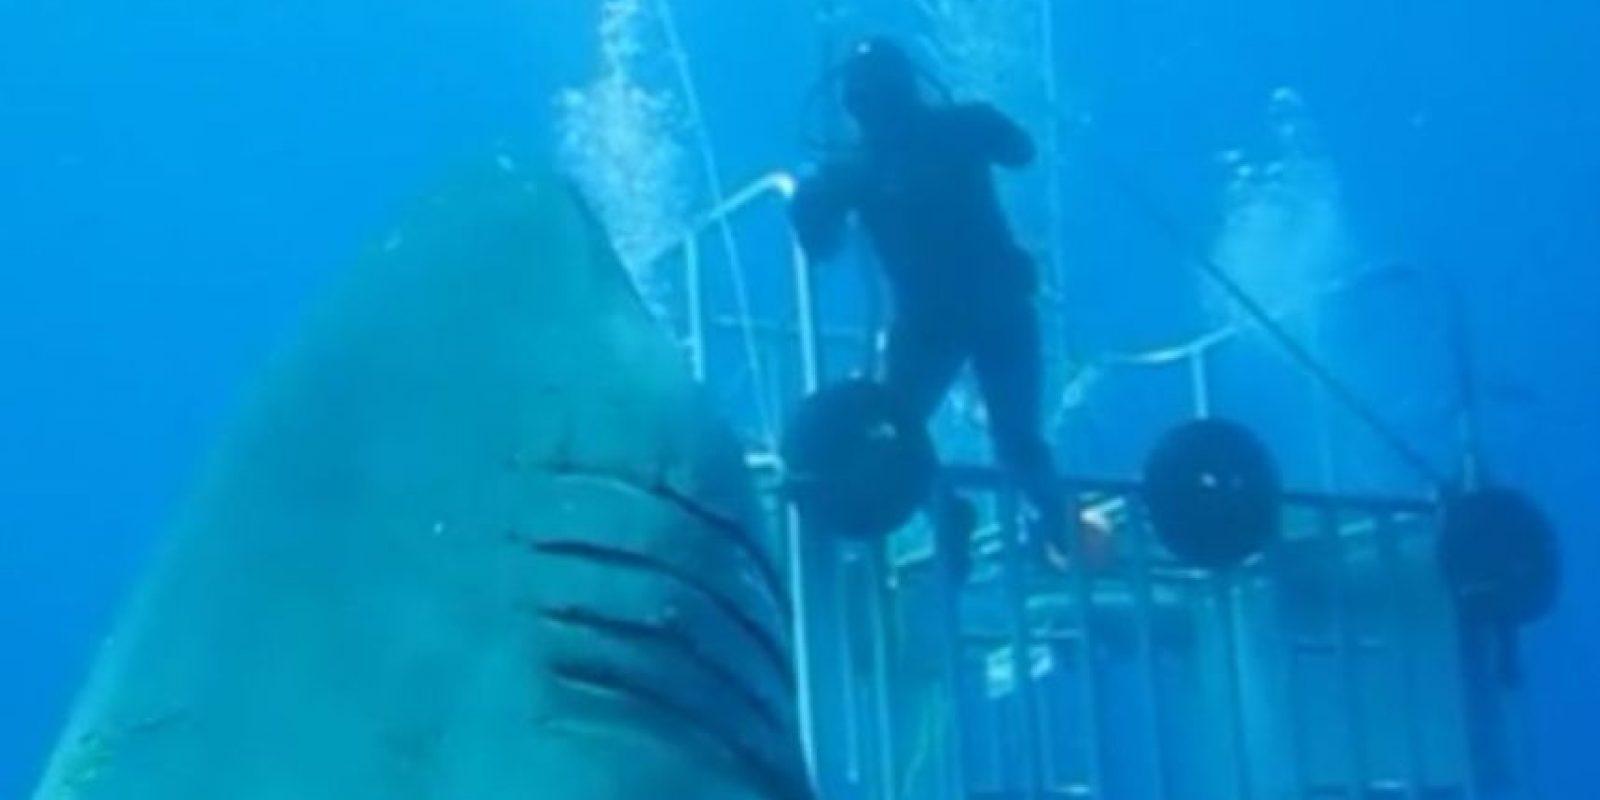 """El experto en tiburones de """"Discovery Channel"""", Mauricio Hoyos Padilla, subió el pasado 10 de agosto una inmersión realizada en 2013 en la isla de Guadalupe, en México, donde encontró lo que llamó """"el mayor tiburón blanco jamás grabado"""". Foto:Vía Facebook.com/amaukua"""